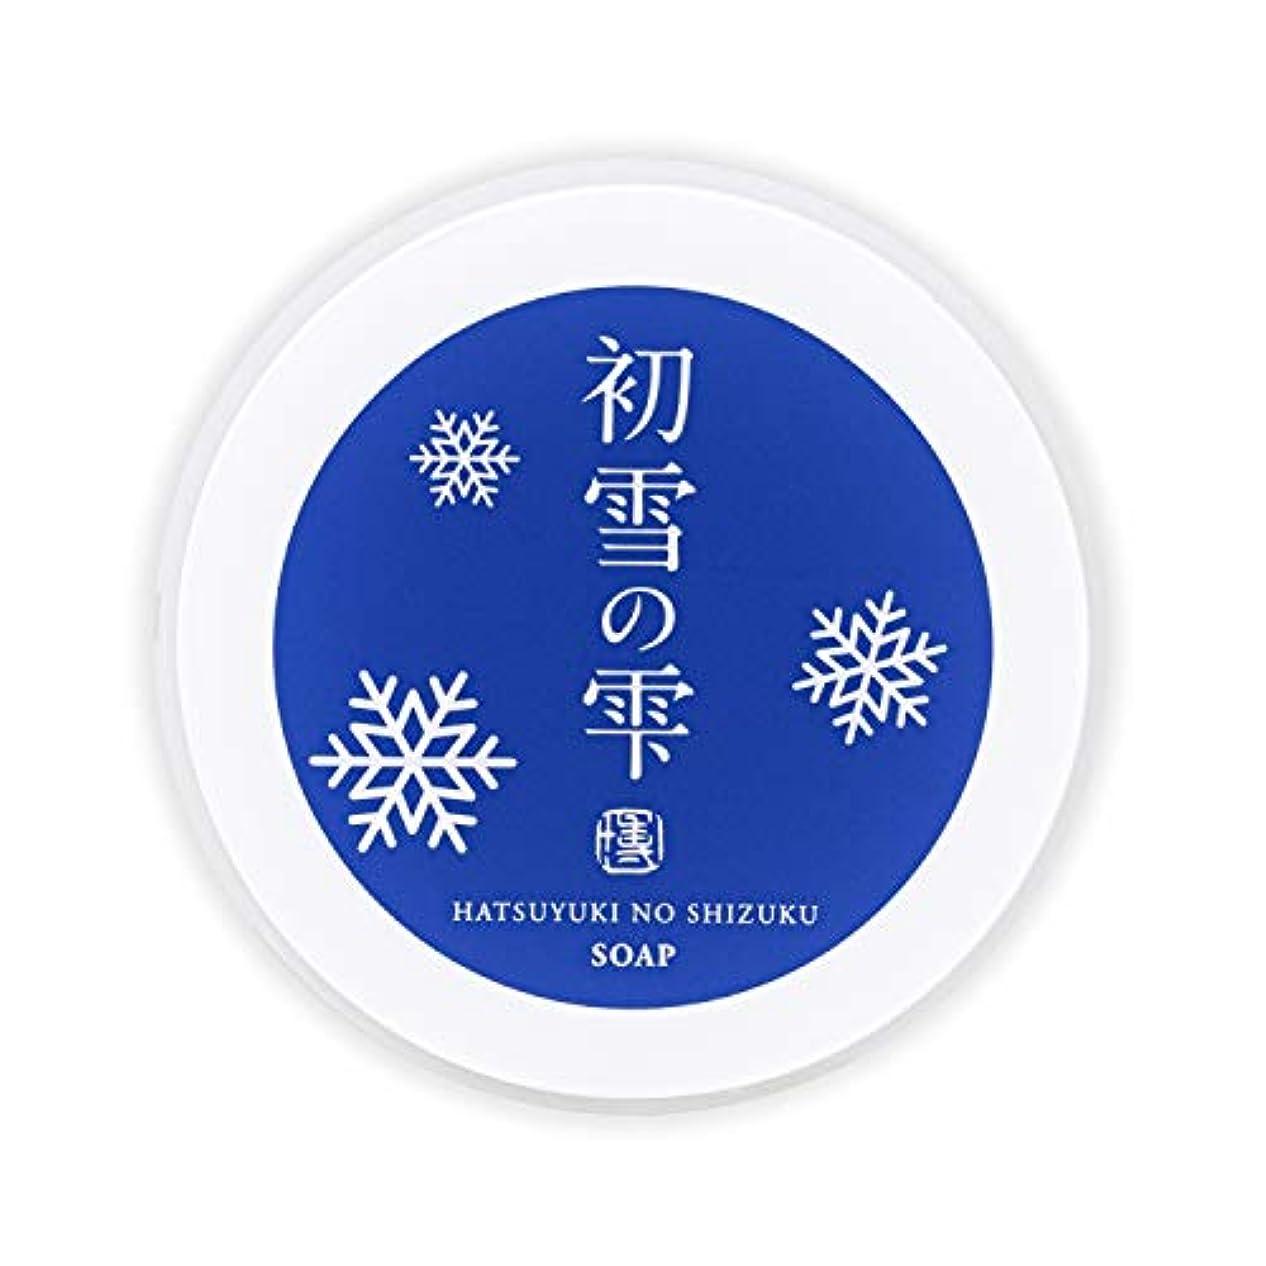 受け皿渦ユーモア初雪の雫 泡 洗顔 練り せっけん ジャータイプ 34g 約2週間分 [プラセンタ ヒアルロン酸 セラミド ビタミンC ]